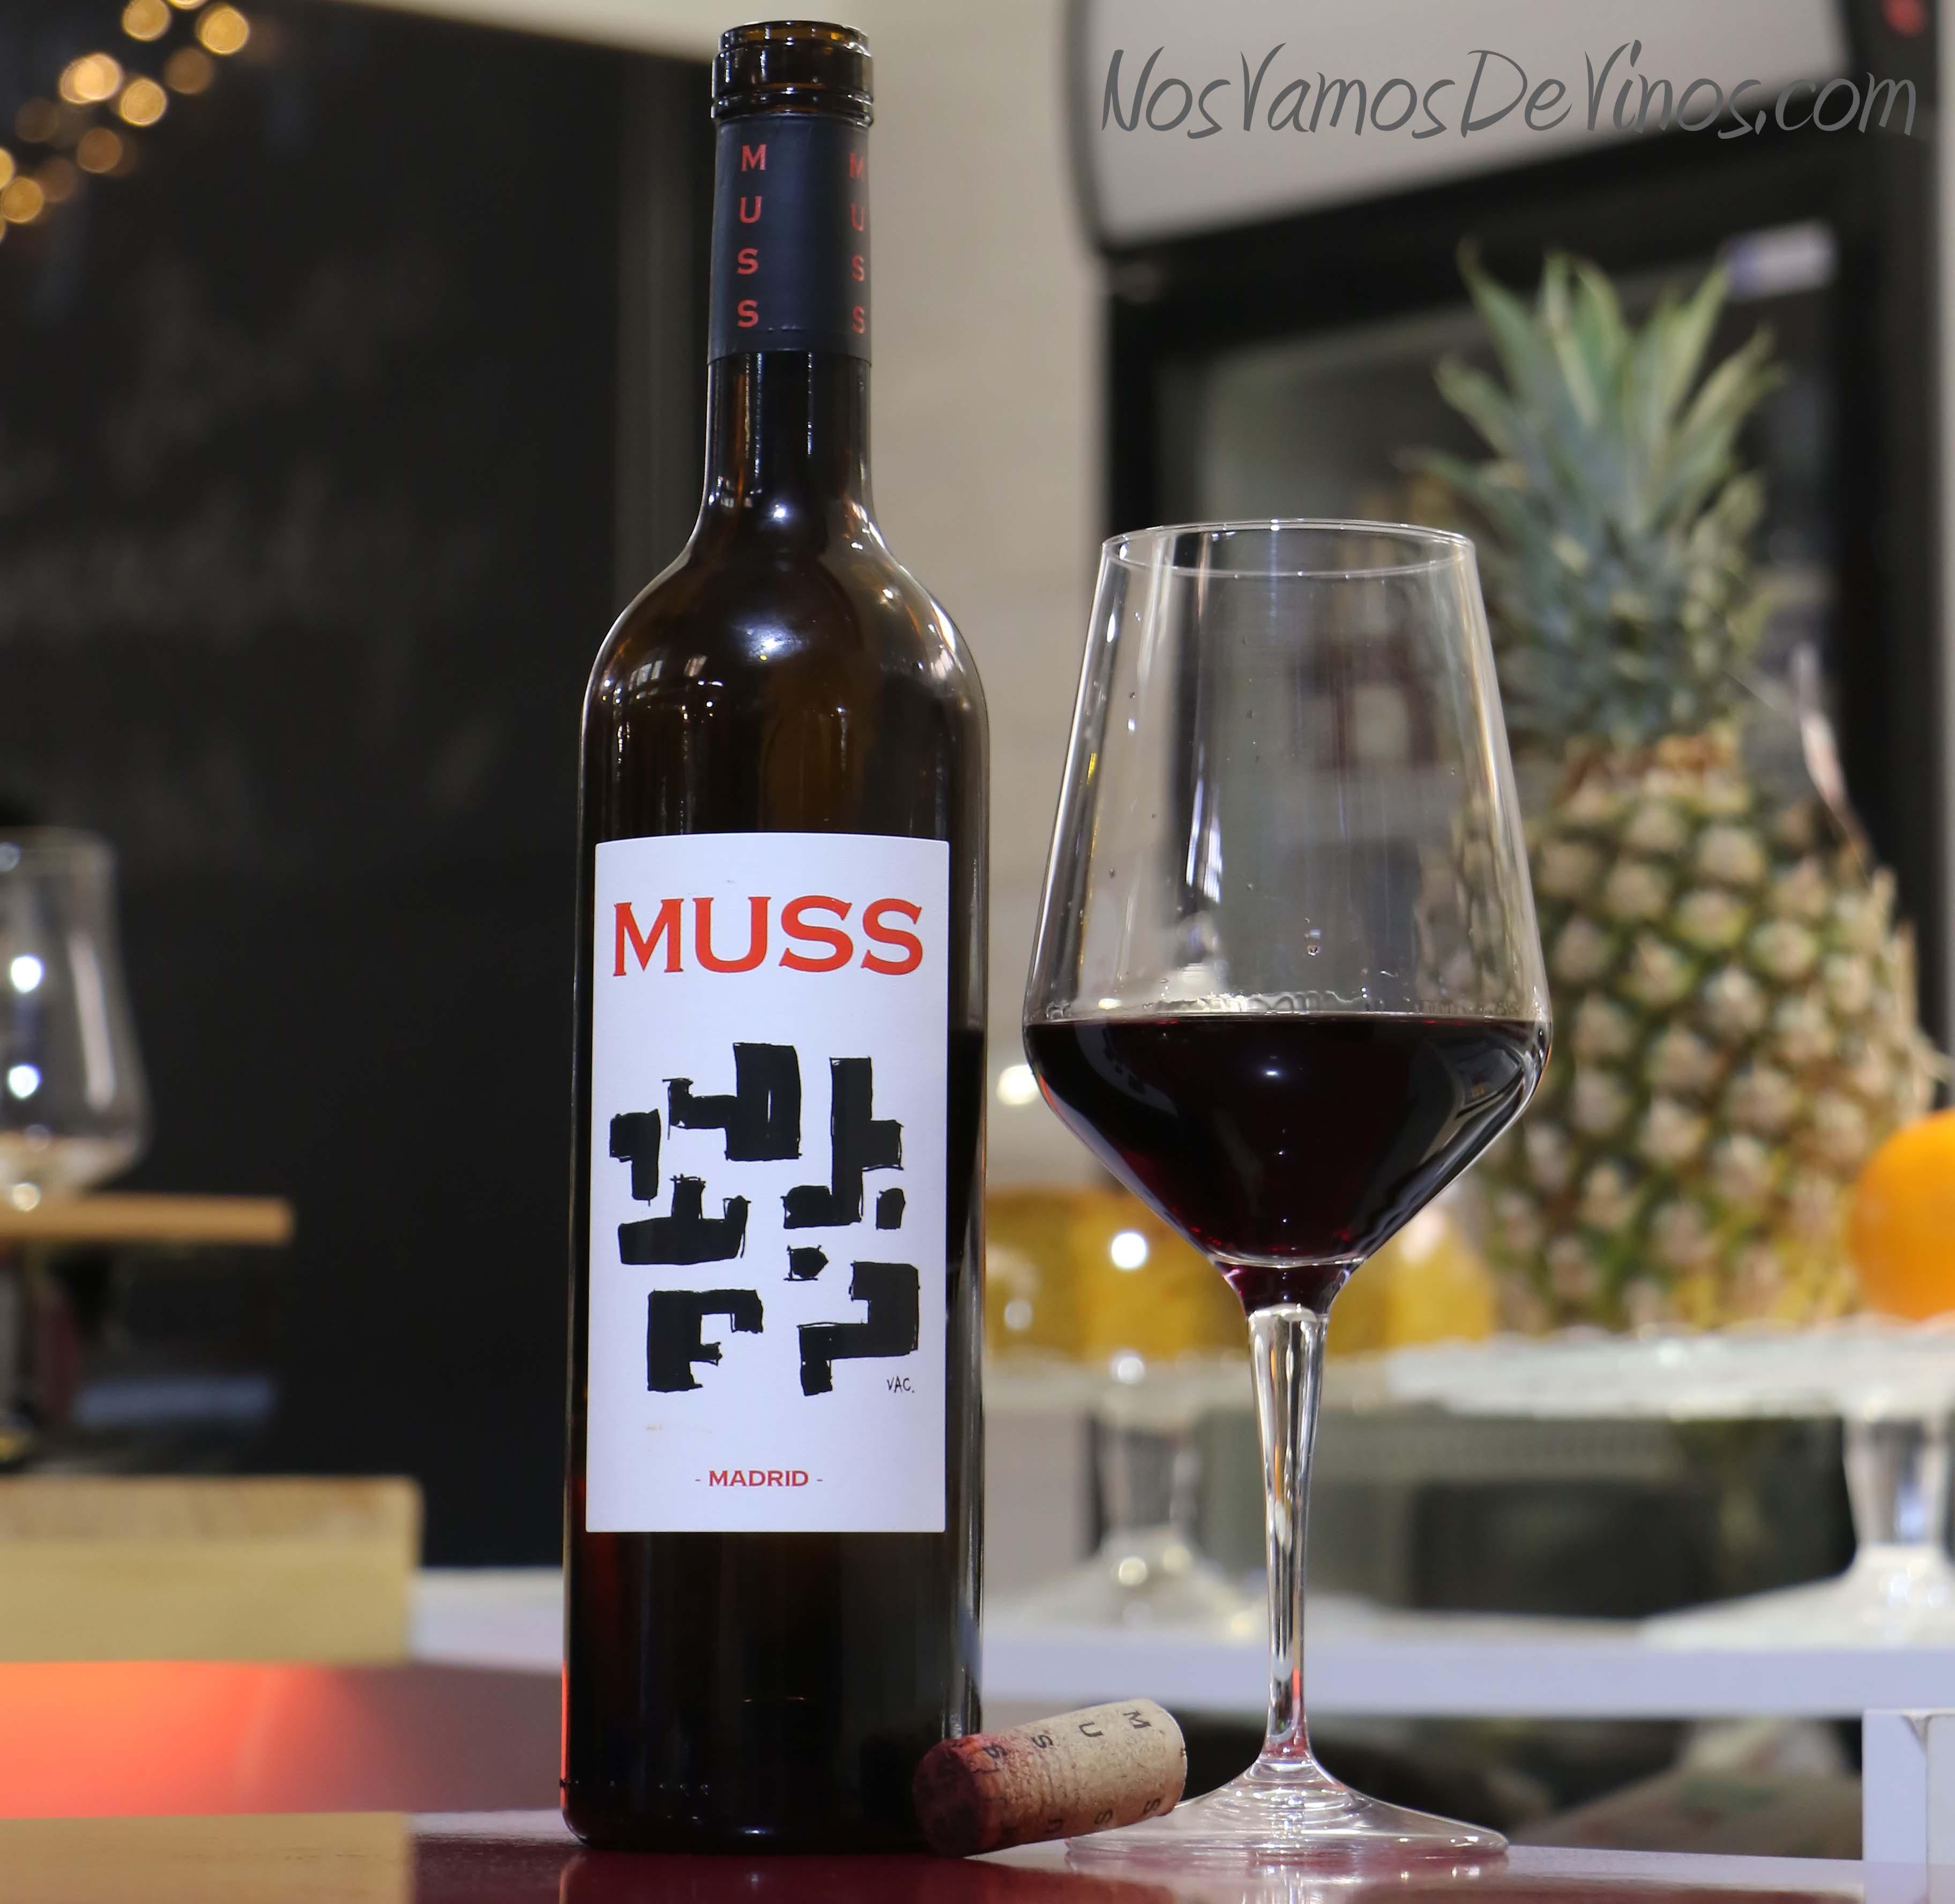 Muss-vino-2016